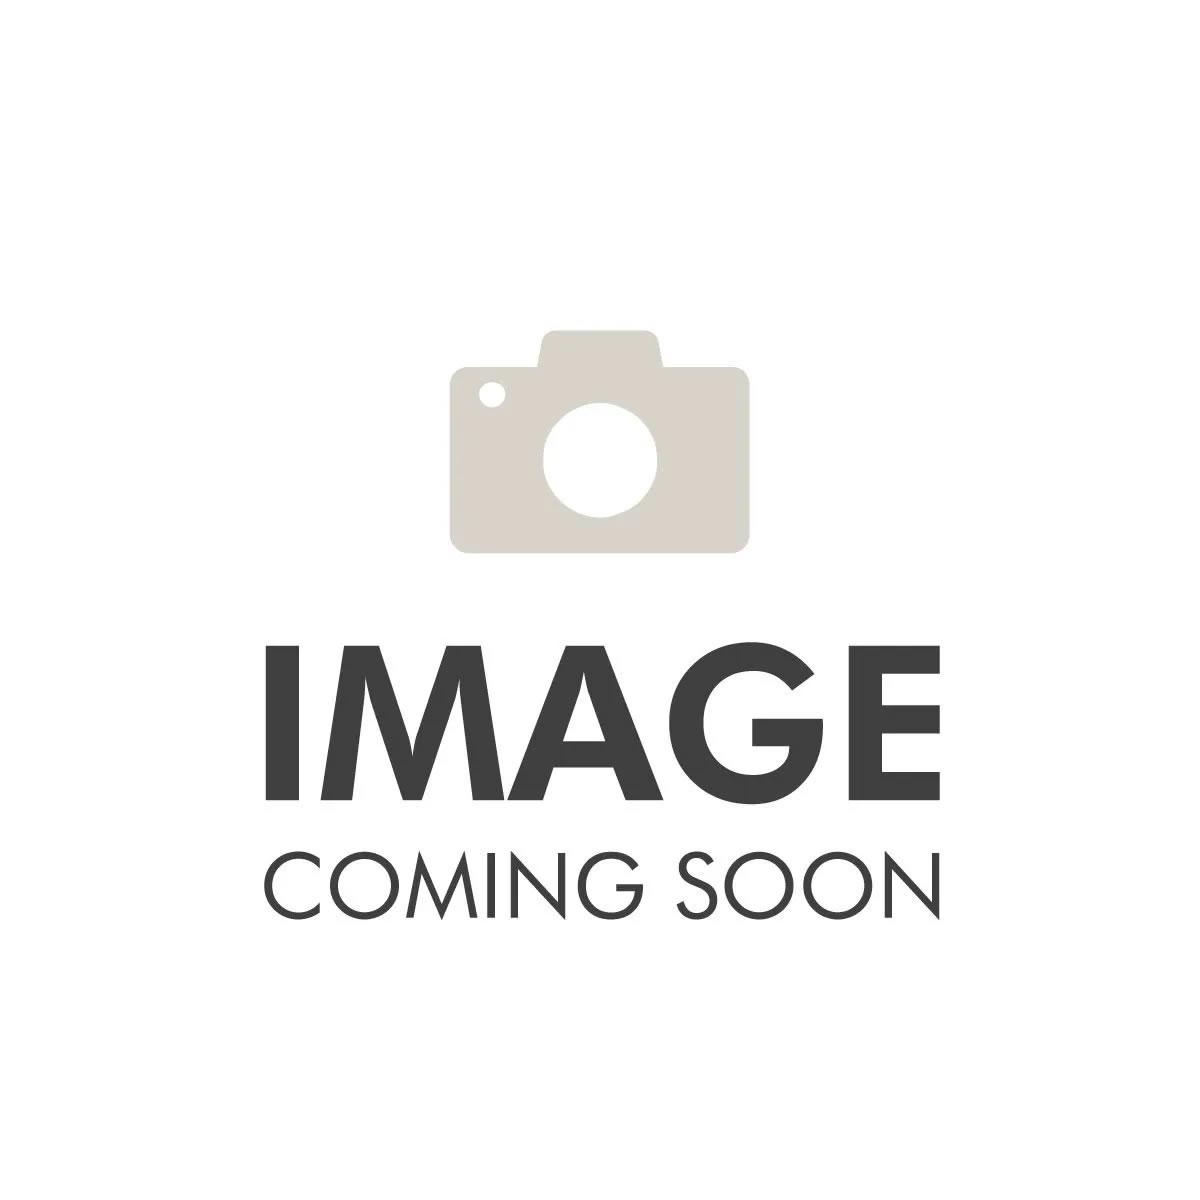 Rear Door Handle Trim Chrome 07-10 Jeep JK Wrangler Unlimiteds